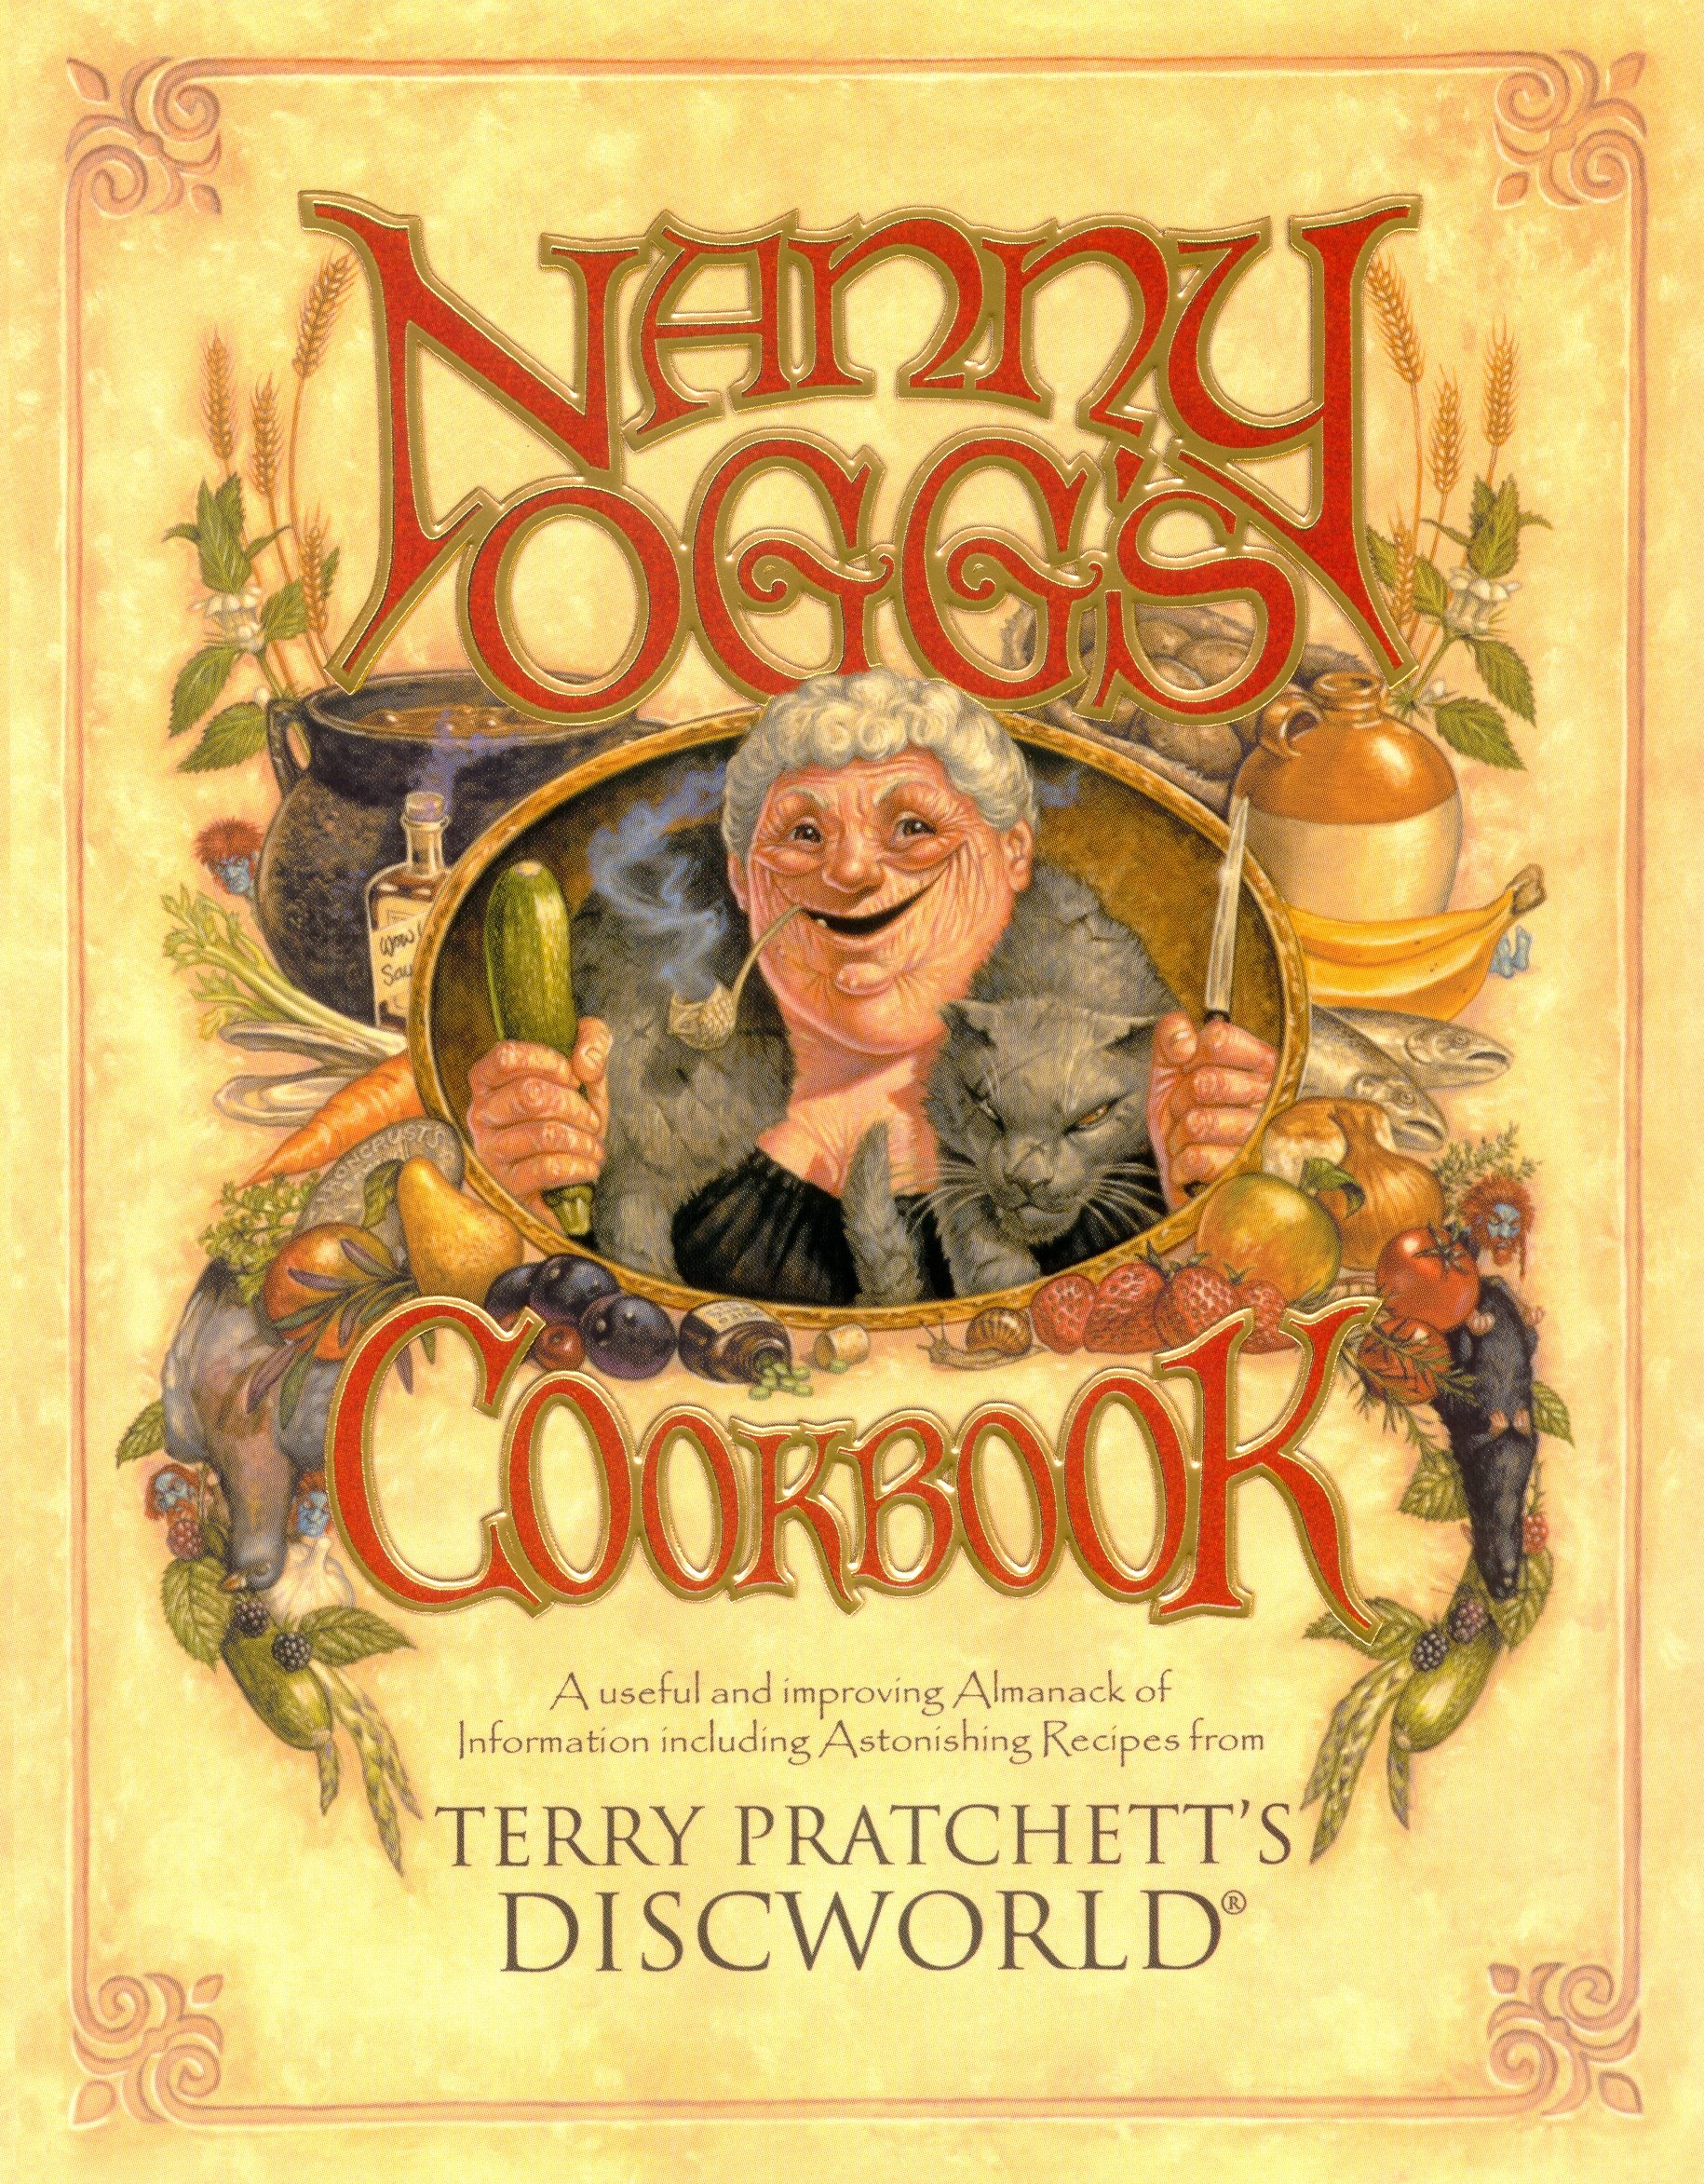 Nanny Oggs Cookbook (Discworld): Amazon.es: Pratchett, Terry: Libros en idiomas extranjeros